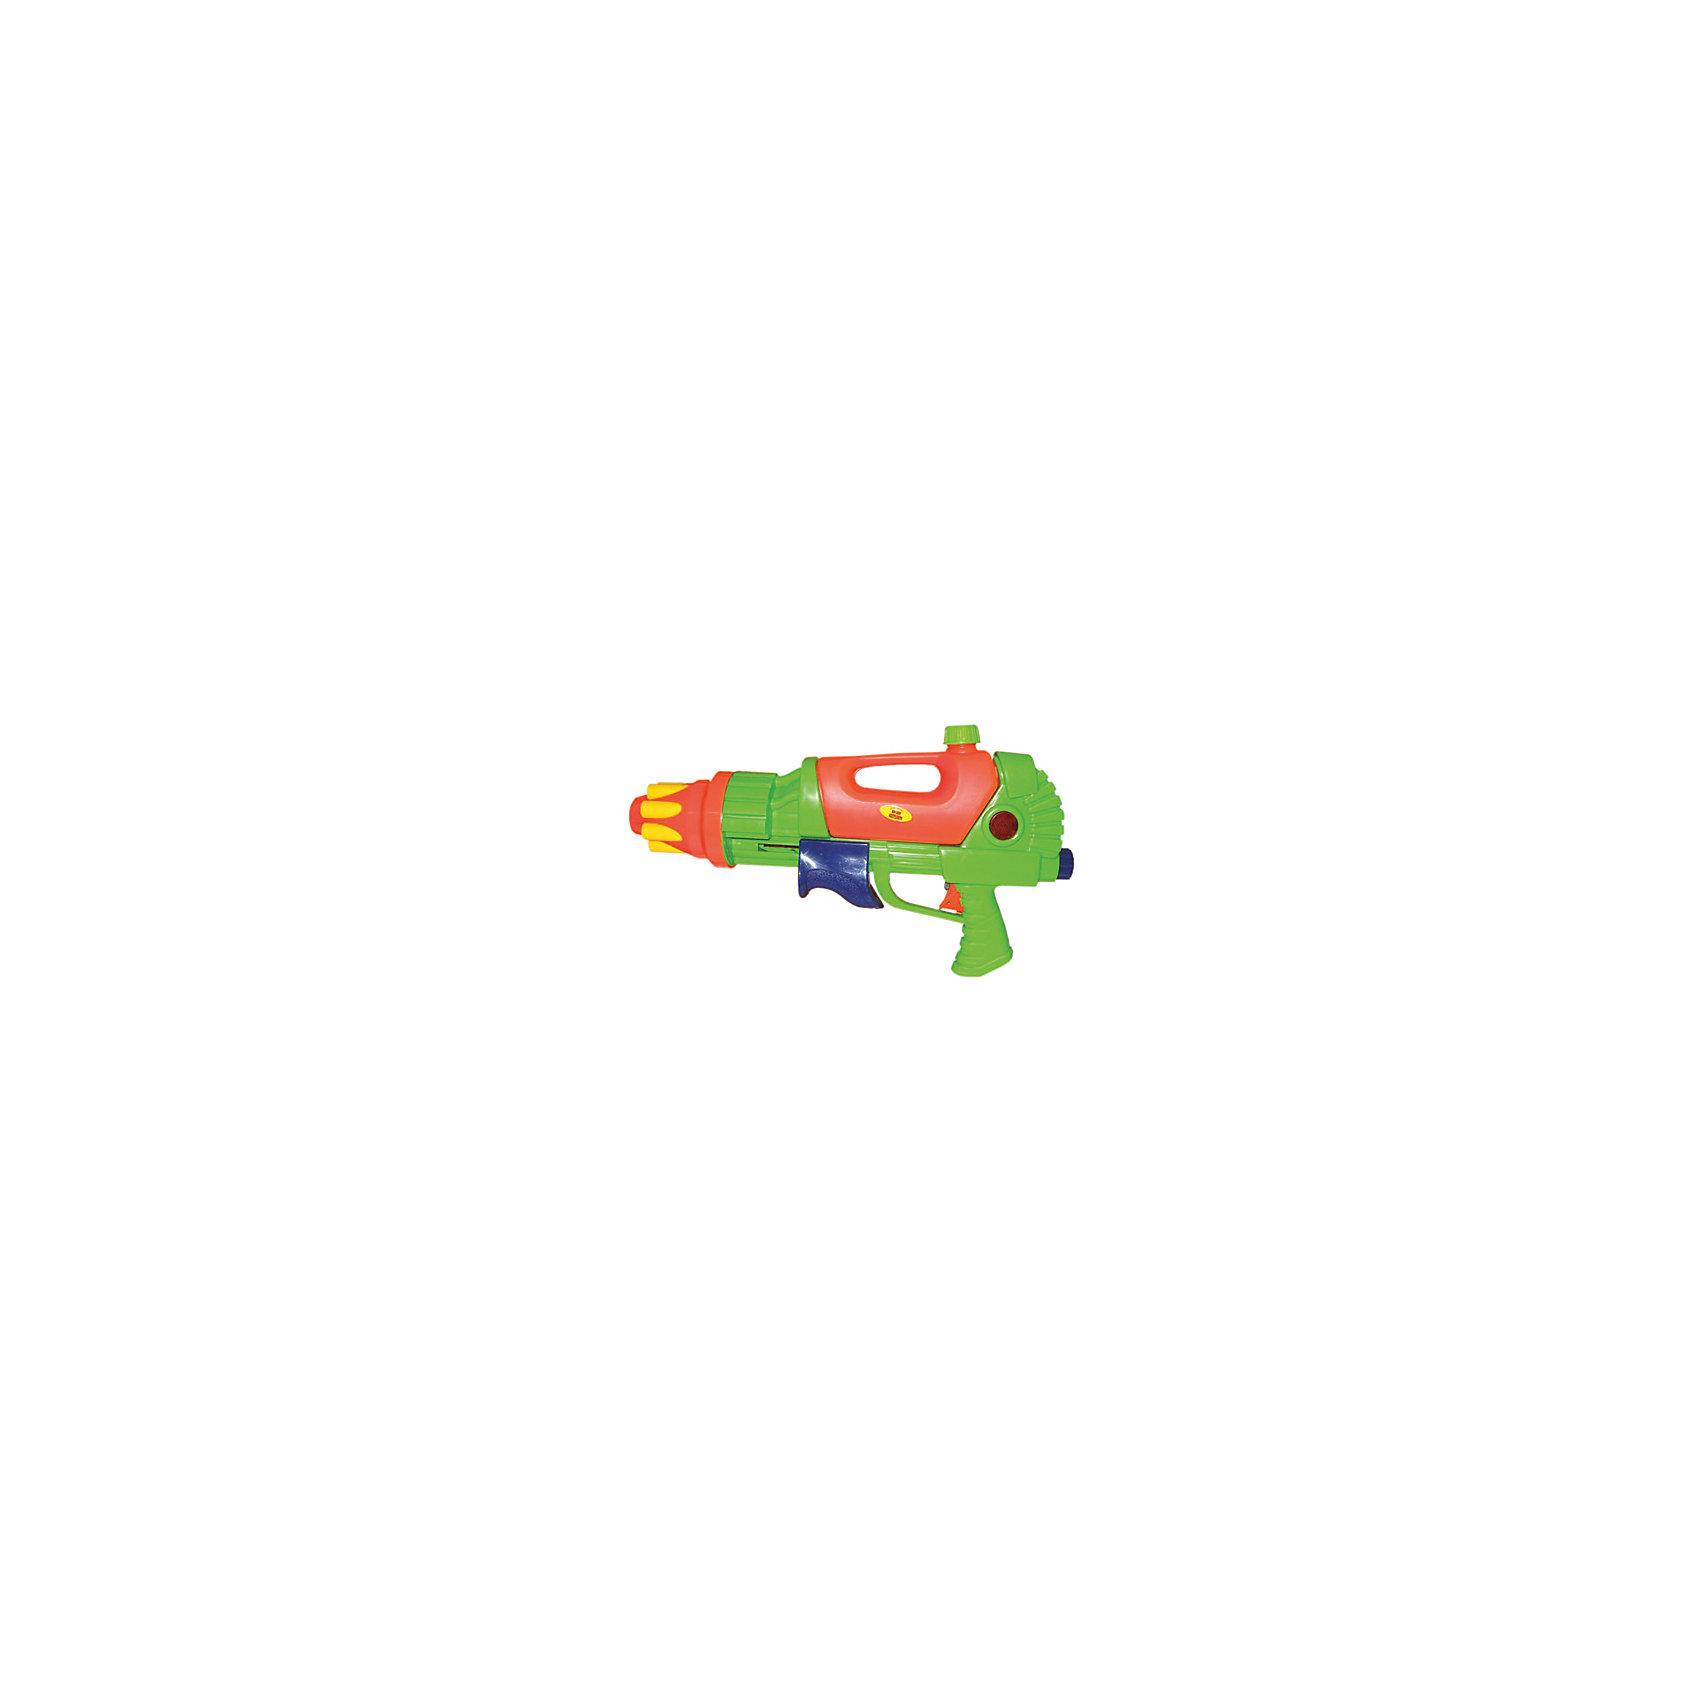 Водный пистолет с помпой и трещеткой спереди, 40,5х24см, ТилибомБластеры, пистолеты и прочее<br>Водный пистолет с помпой и трещоткой спереди, 40,5х24 см, Тилибом.<br><br>Характеристика:<br><br>• Материал: пластик. <br>• Размер: 40,5х24 см.<br>• Помповый механизм, трещотка.<br>• Яркий привлекательный дизайн. <br>• Отличная детализация. <br><br>Водный пистолет - незаменимая игрушка во время активного отдыха летом! Помповый пистолет бьет очень прицельно и точно, не причиняя никакого вреда. Игрушка выполнена из высококачественных нетоксичных материалов безопасных для детей, имеет простой механизм, с которым легко разберется любой ребенок. <br><br>Водный пистолет с помпой и трещоткой спереди, 40,5х24 см, Тилибом, можно купить в нашем интернет-магазине.<br><br>Ширина мм: 400<br>Глубина мм: 240<br>Высота мм: 100<br>Вес г: 479<br>Возраст от месяцев: 36<br>Возраст до месяцев: 144<br>Пол: Унисекс<br>Возраст: Детский<br>SKU: 5501946